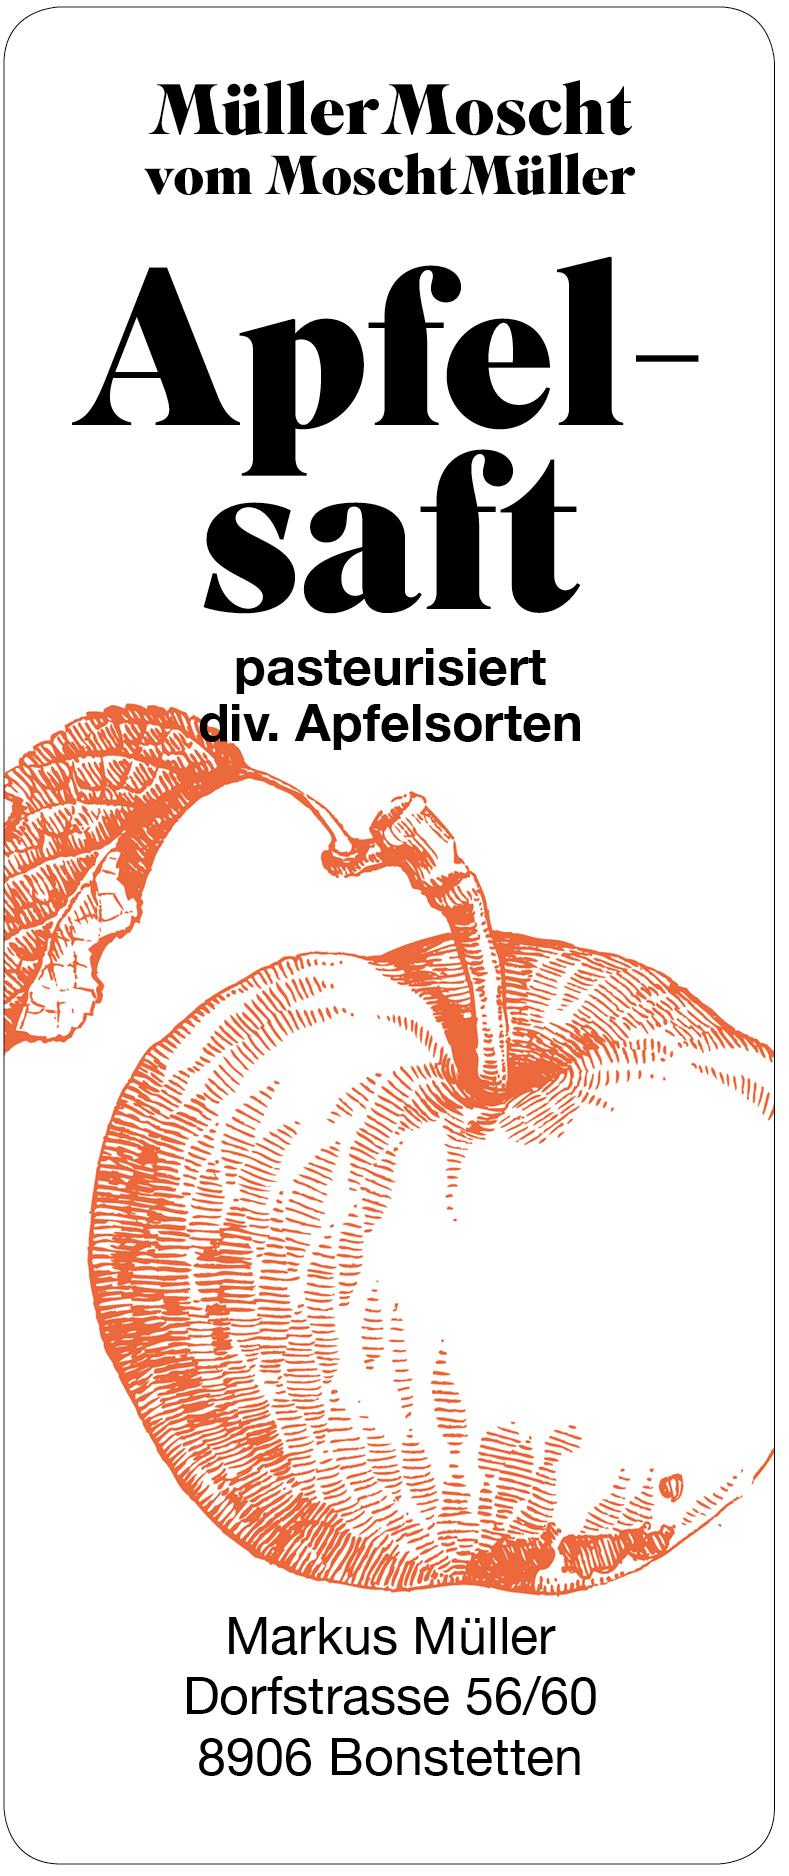 Müller Moscht, Apfelsaft, Bonstetten, Markus Müller